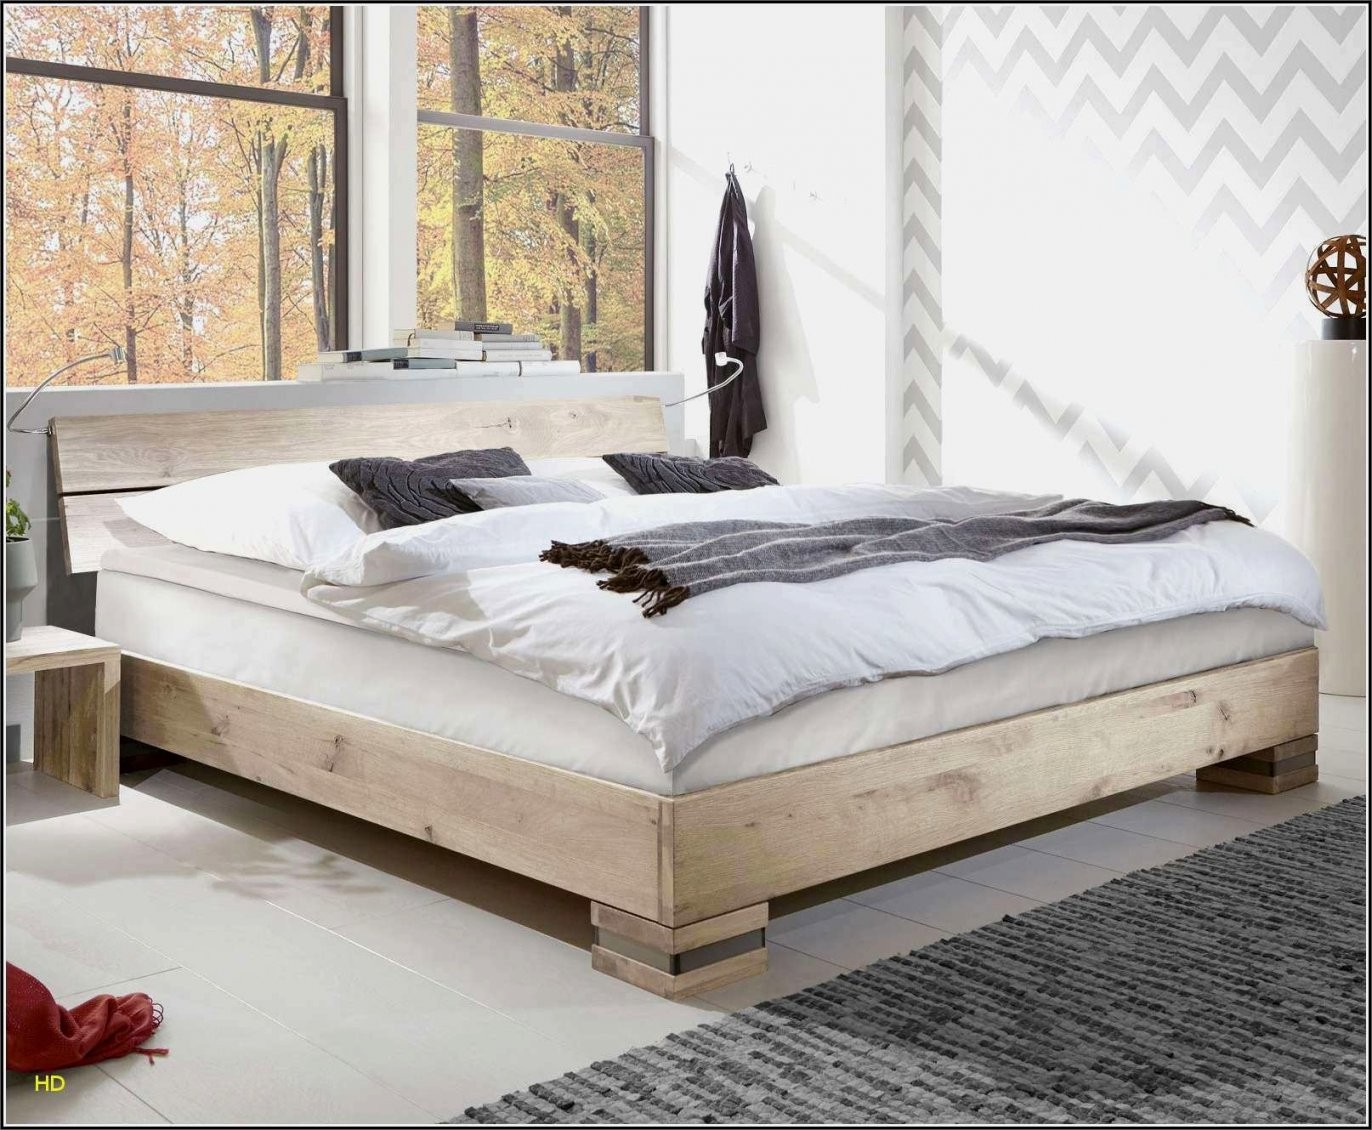 Bett 160×200 Mit Lattenrost Und Matratze Popular Lattenrost 160×200 von Bett Mit Lattenrost Und Matratze 160X200 Bild